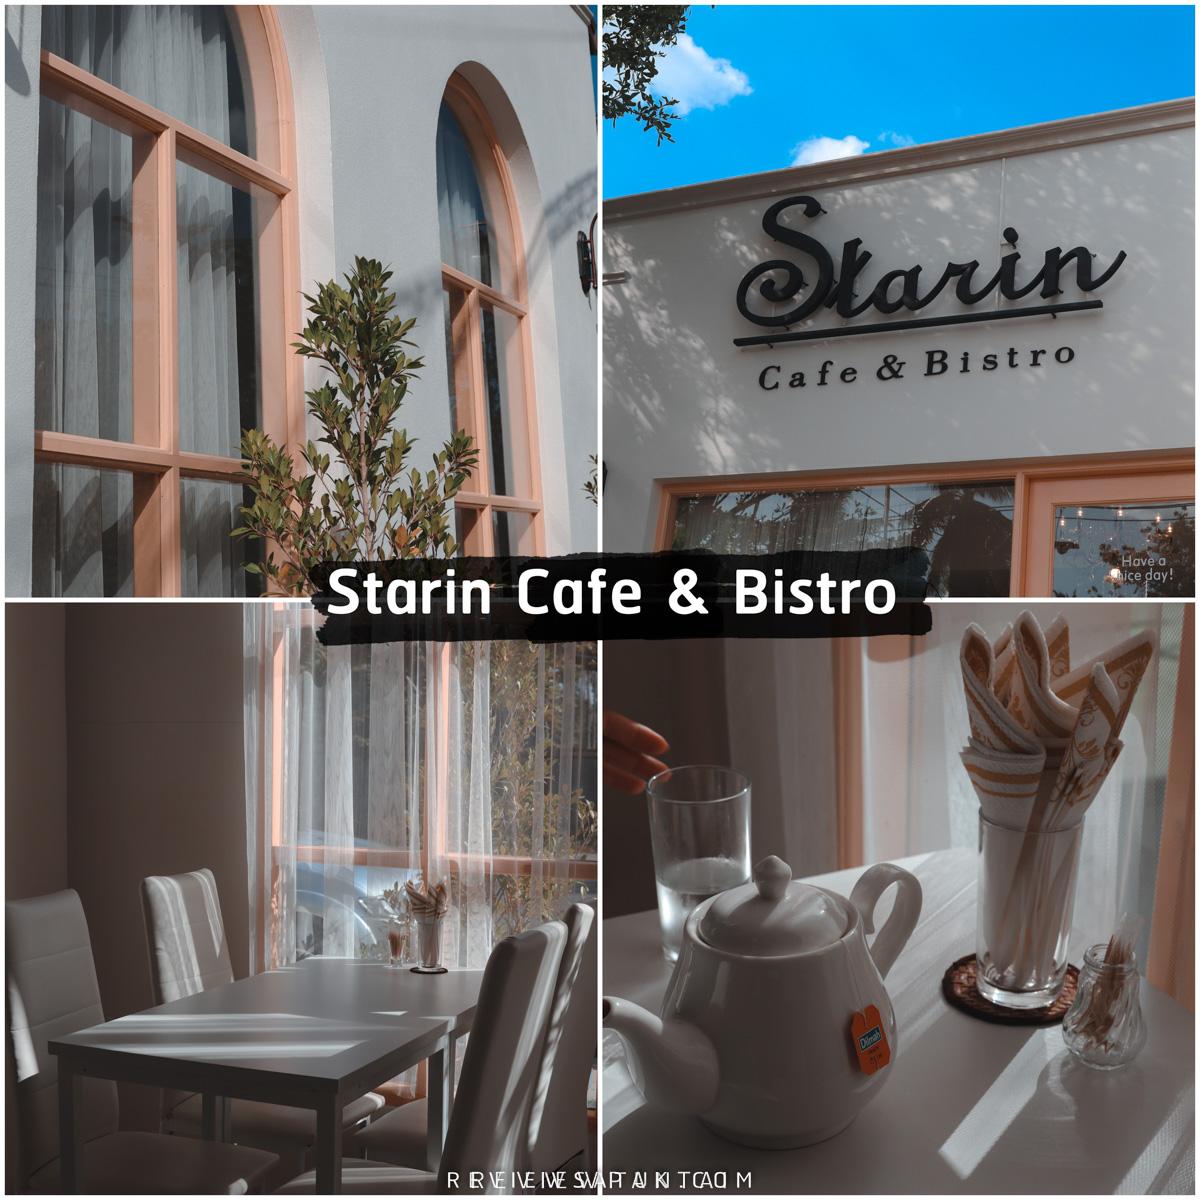 Starin Cafe & Bistro คาเฟ่สไตล์เจ้าหญิง นั่งสบาย รายละเอียด คลิก  จุดเช็คอิน,หลีเป๊ะ,สตูลสดยกกำลังสาม,satunwonderland,เที่ยวเมืองไทยAmazingกว่าเดิม,ชีพจรลงSouth